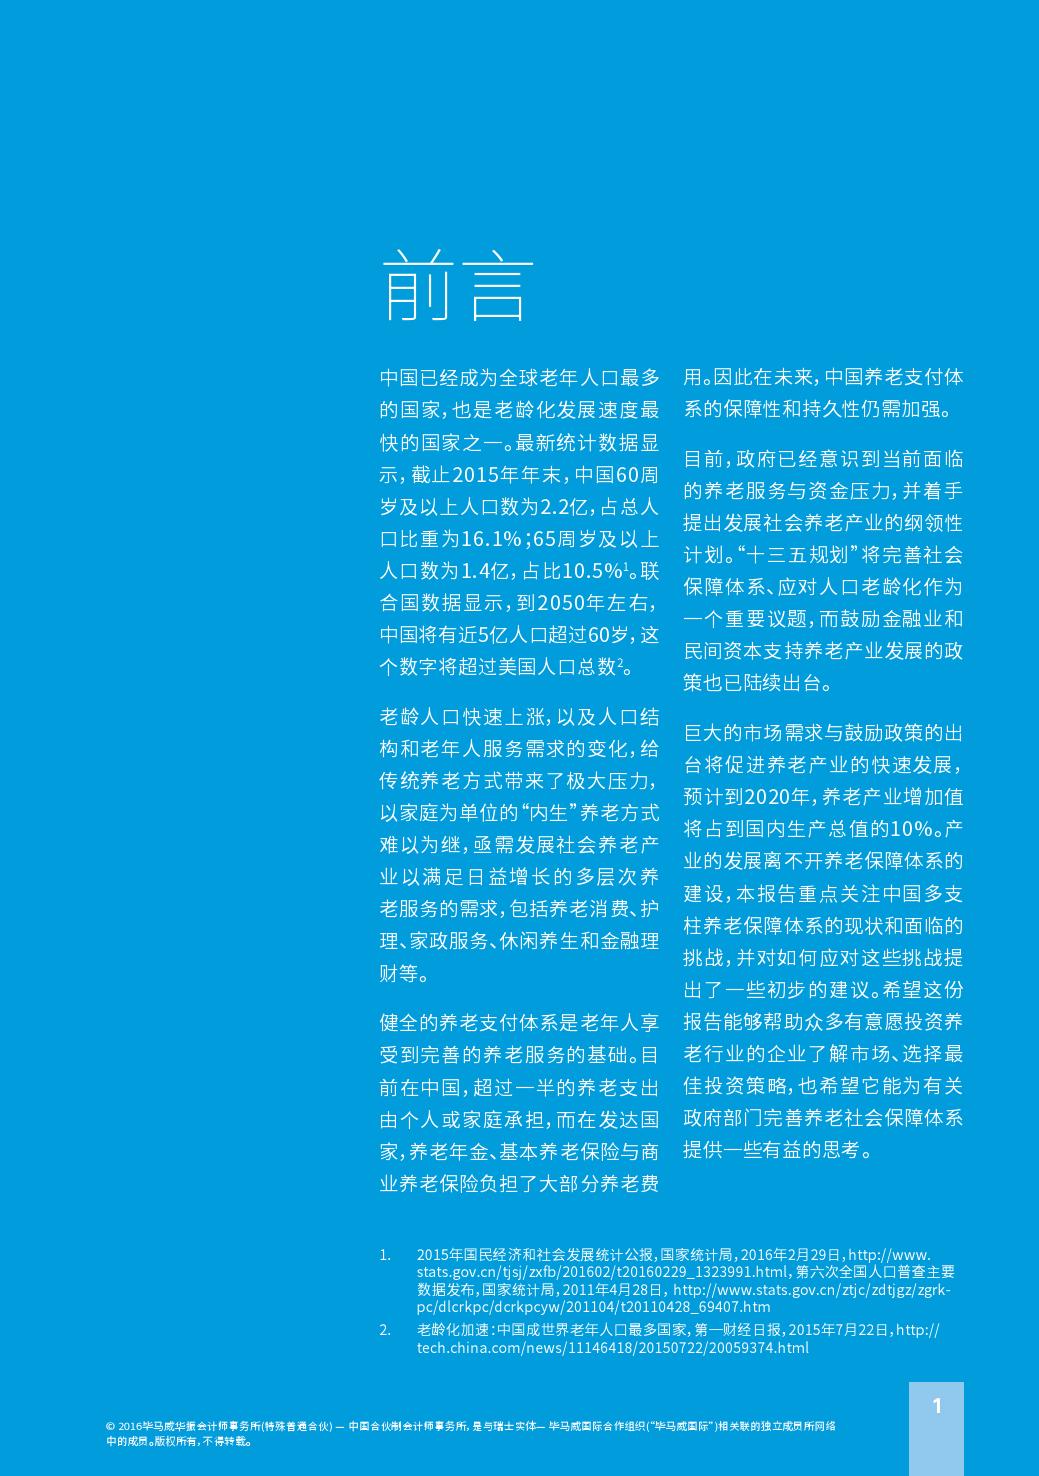 2016年中国养老金发展的战略趋势探讨_000003